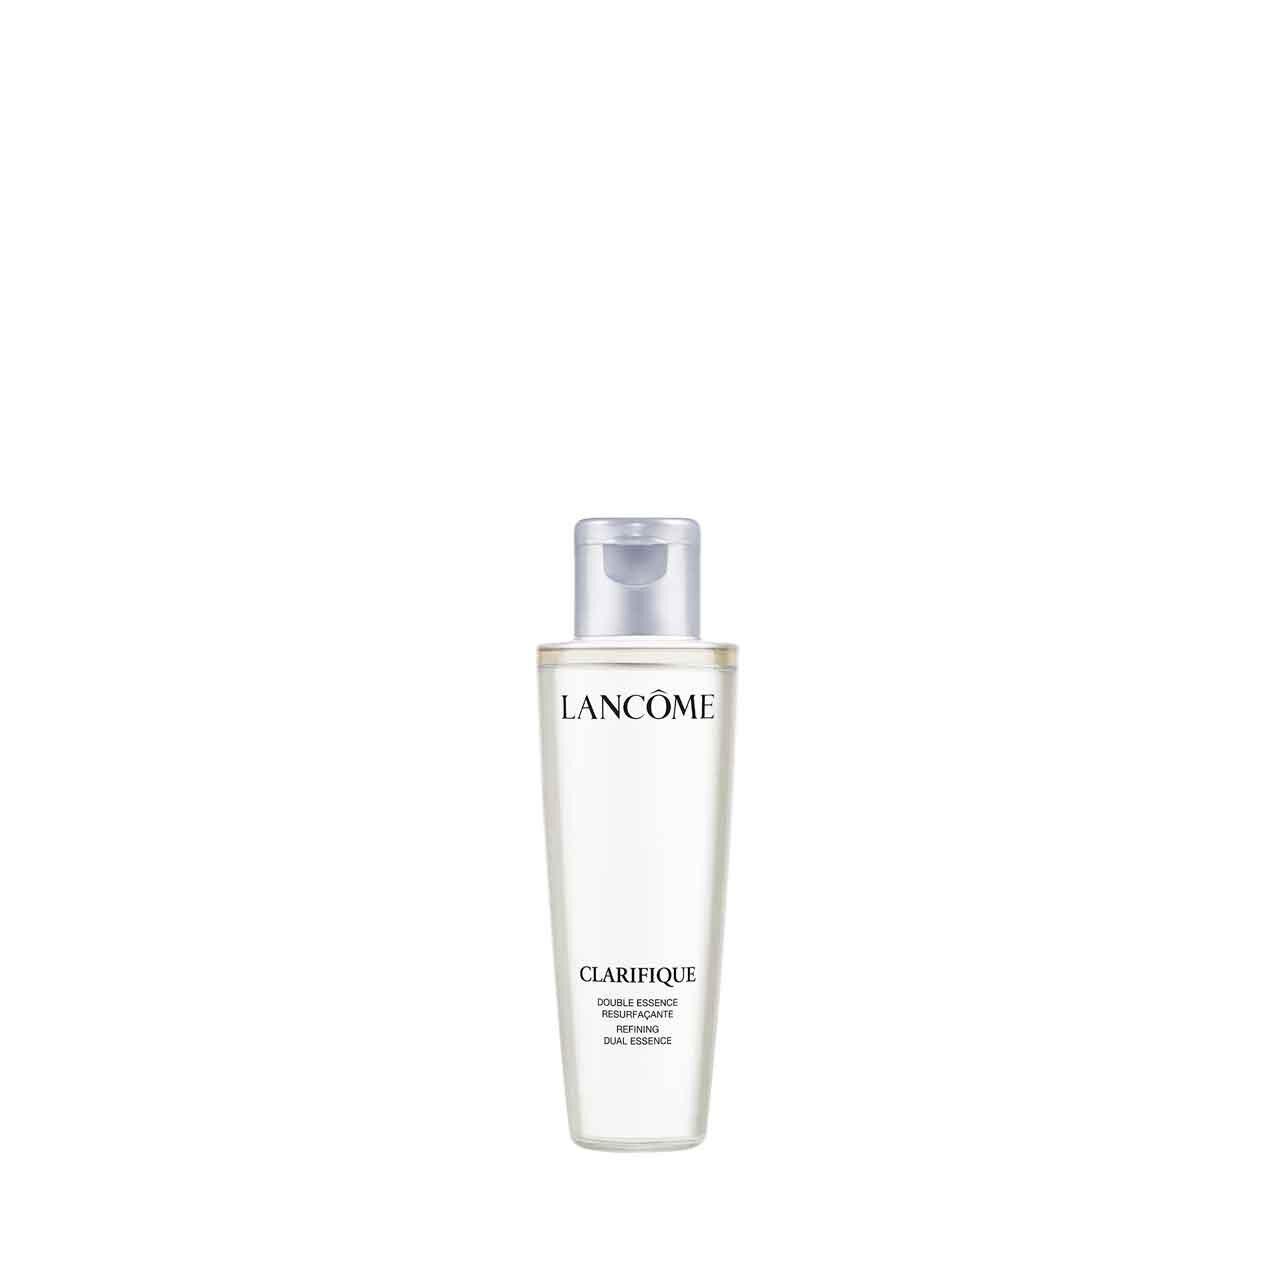 LANCOME(ランコム)ビューティーボックス/化粧水